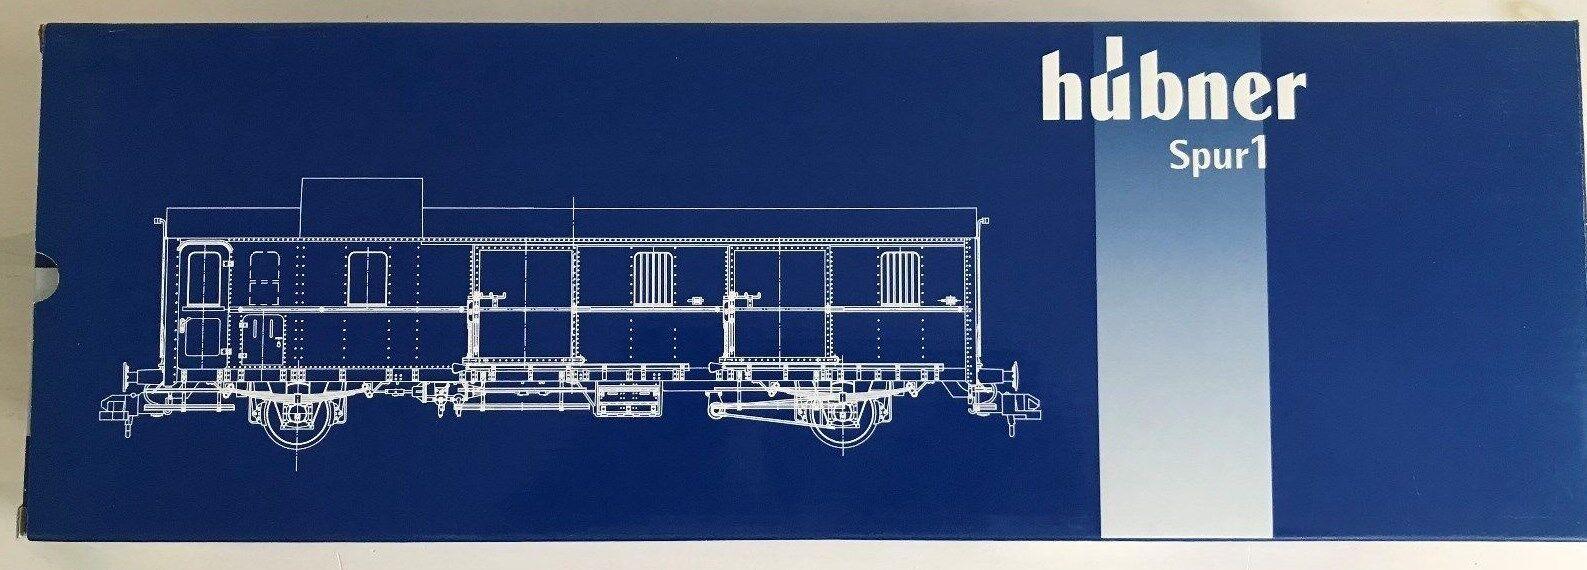 Hübner 20131 traccia 1 carri merci officina auto trasformazione da pwi-23 Nuovo Per